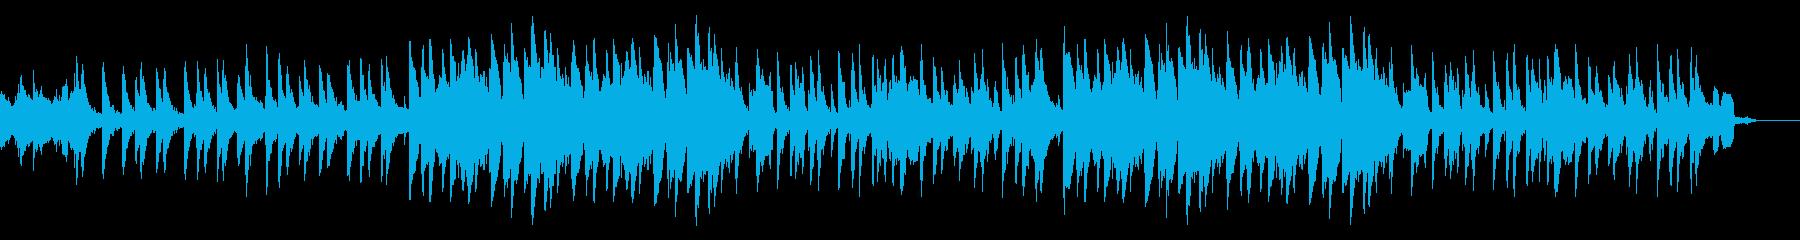 上品系ラップBGM/ラップ無し/ピアノの再生済みの波形